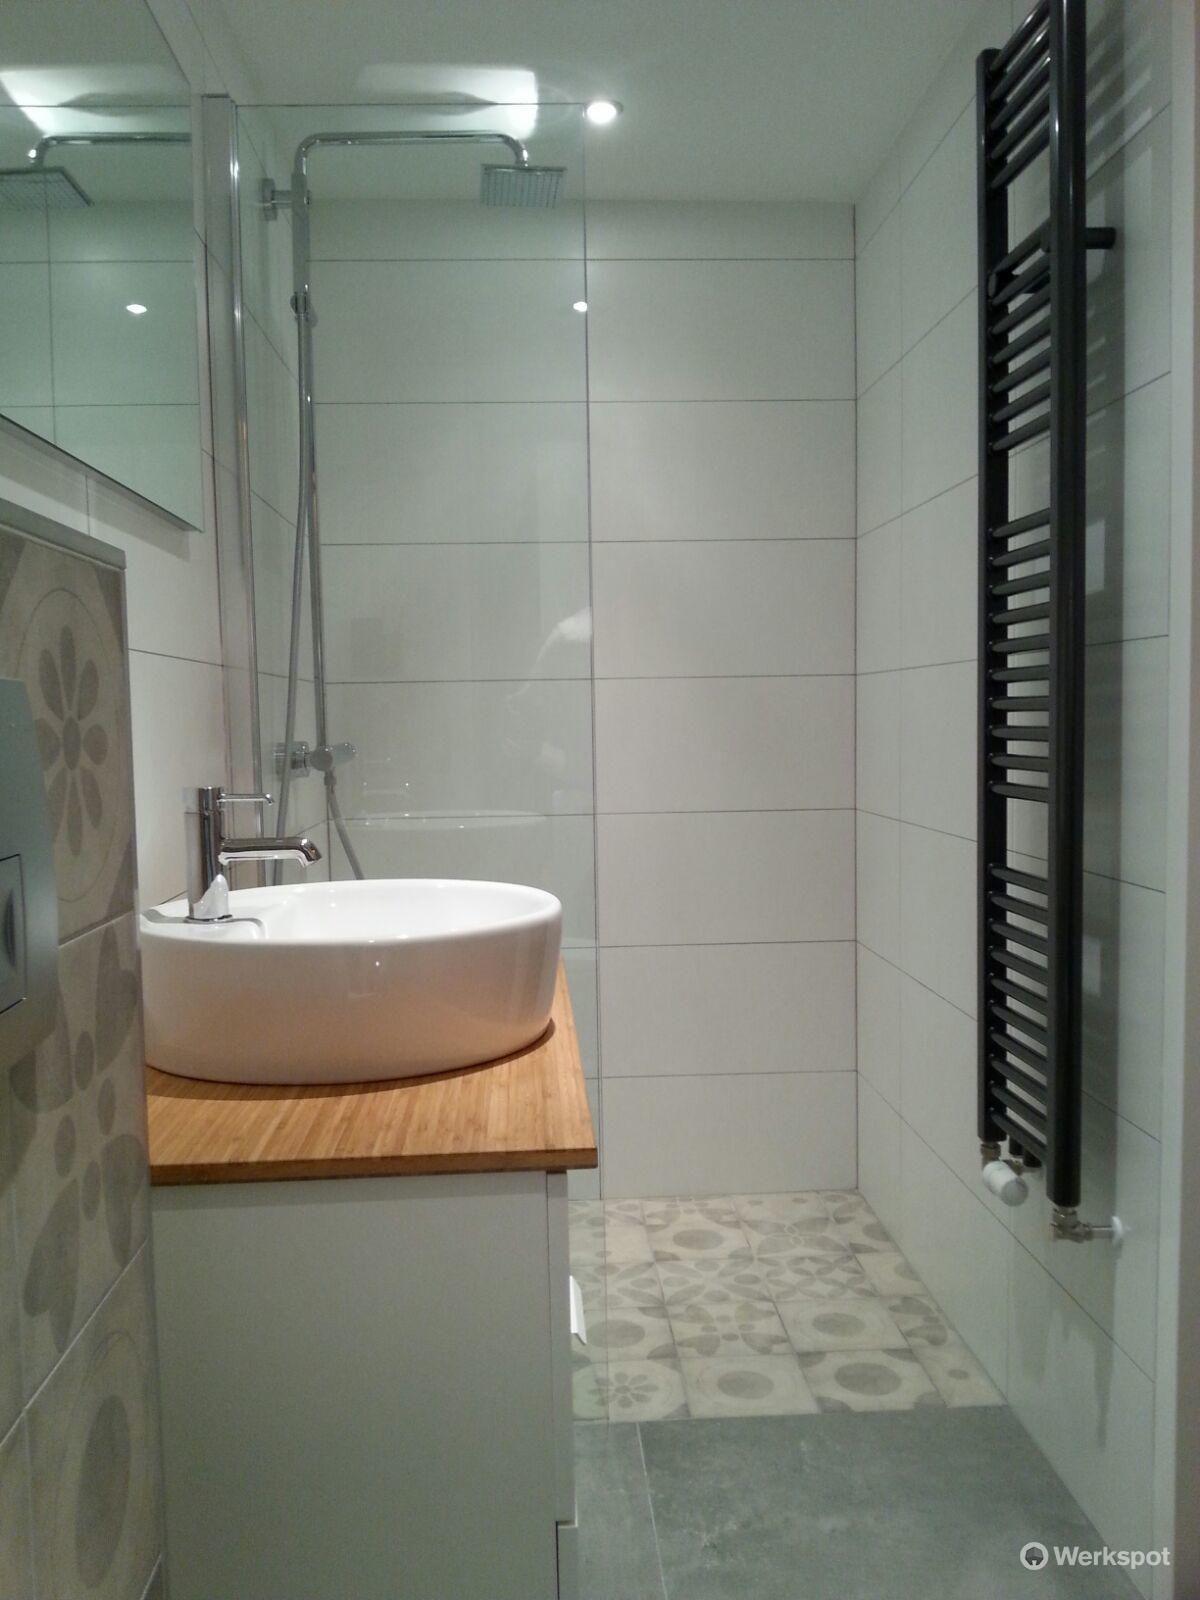 Afmetingen Badkamer Ikea : Kleine badkamer ikea ikea vesken open kast perfect voor een